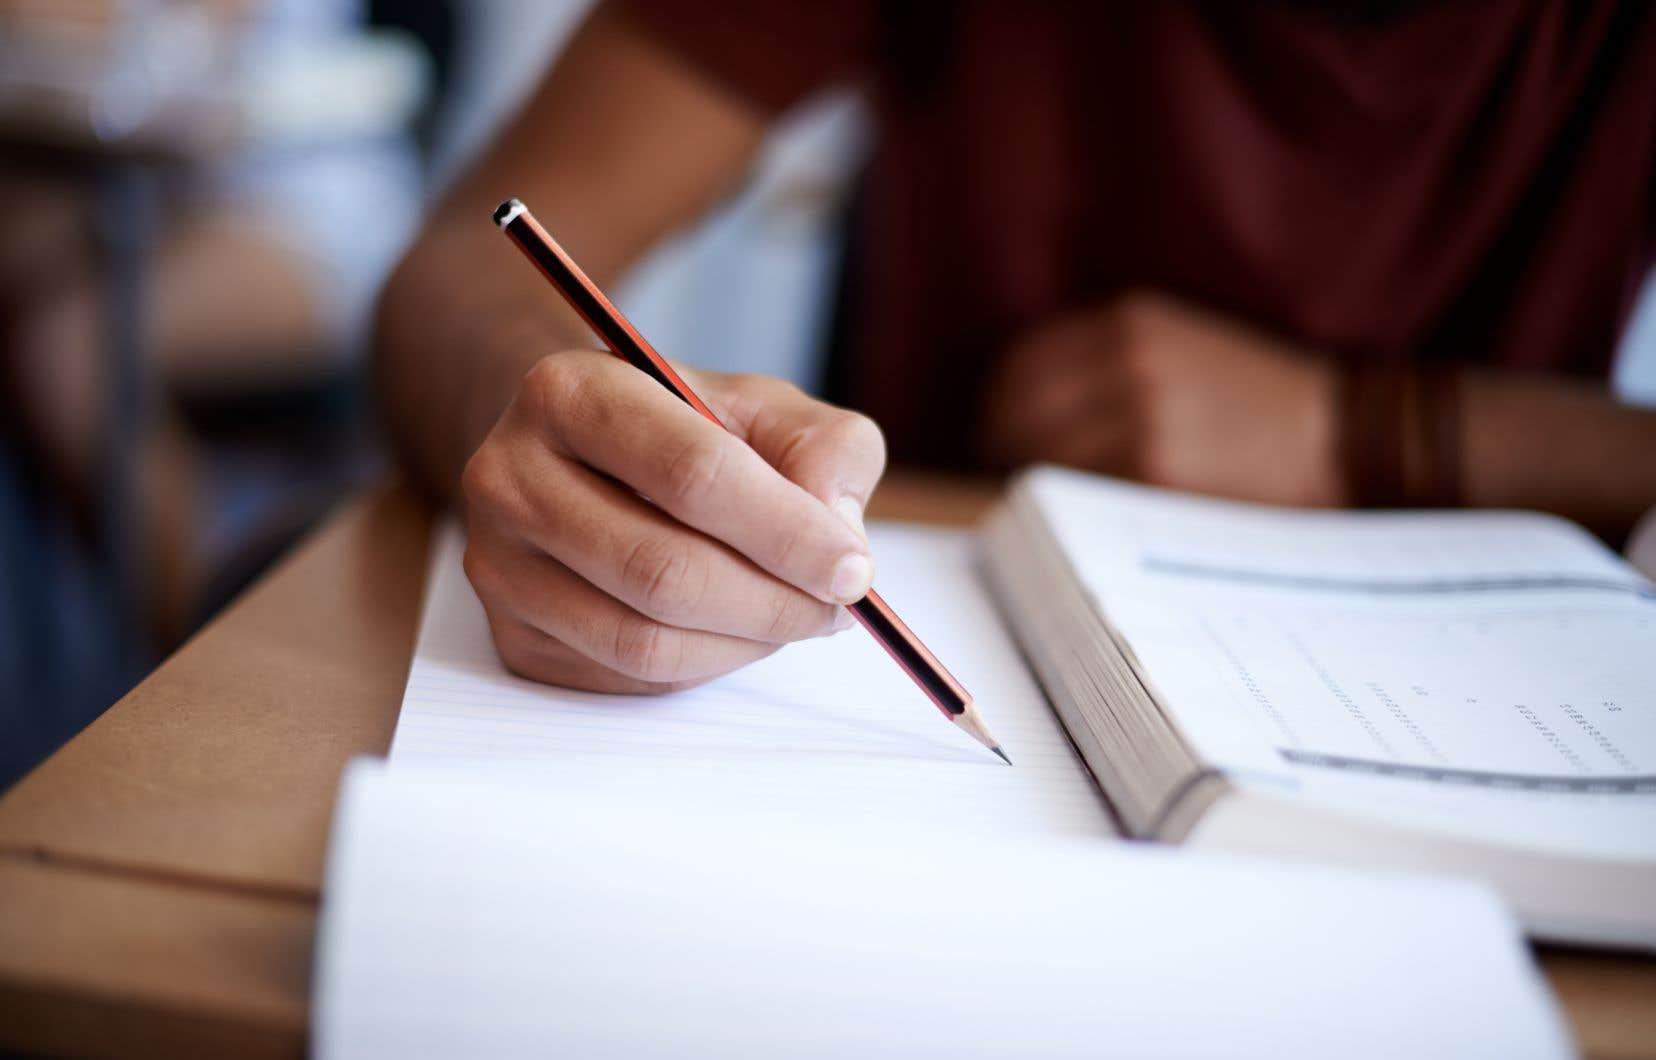 Les écoles privées cherchent généralement à «garder les élèves motivés à poursuivre les apprentissages», tandis que le réseau public respecte à la lettre la directive du ministre de l'Éducation.